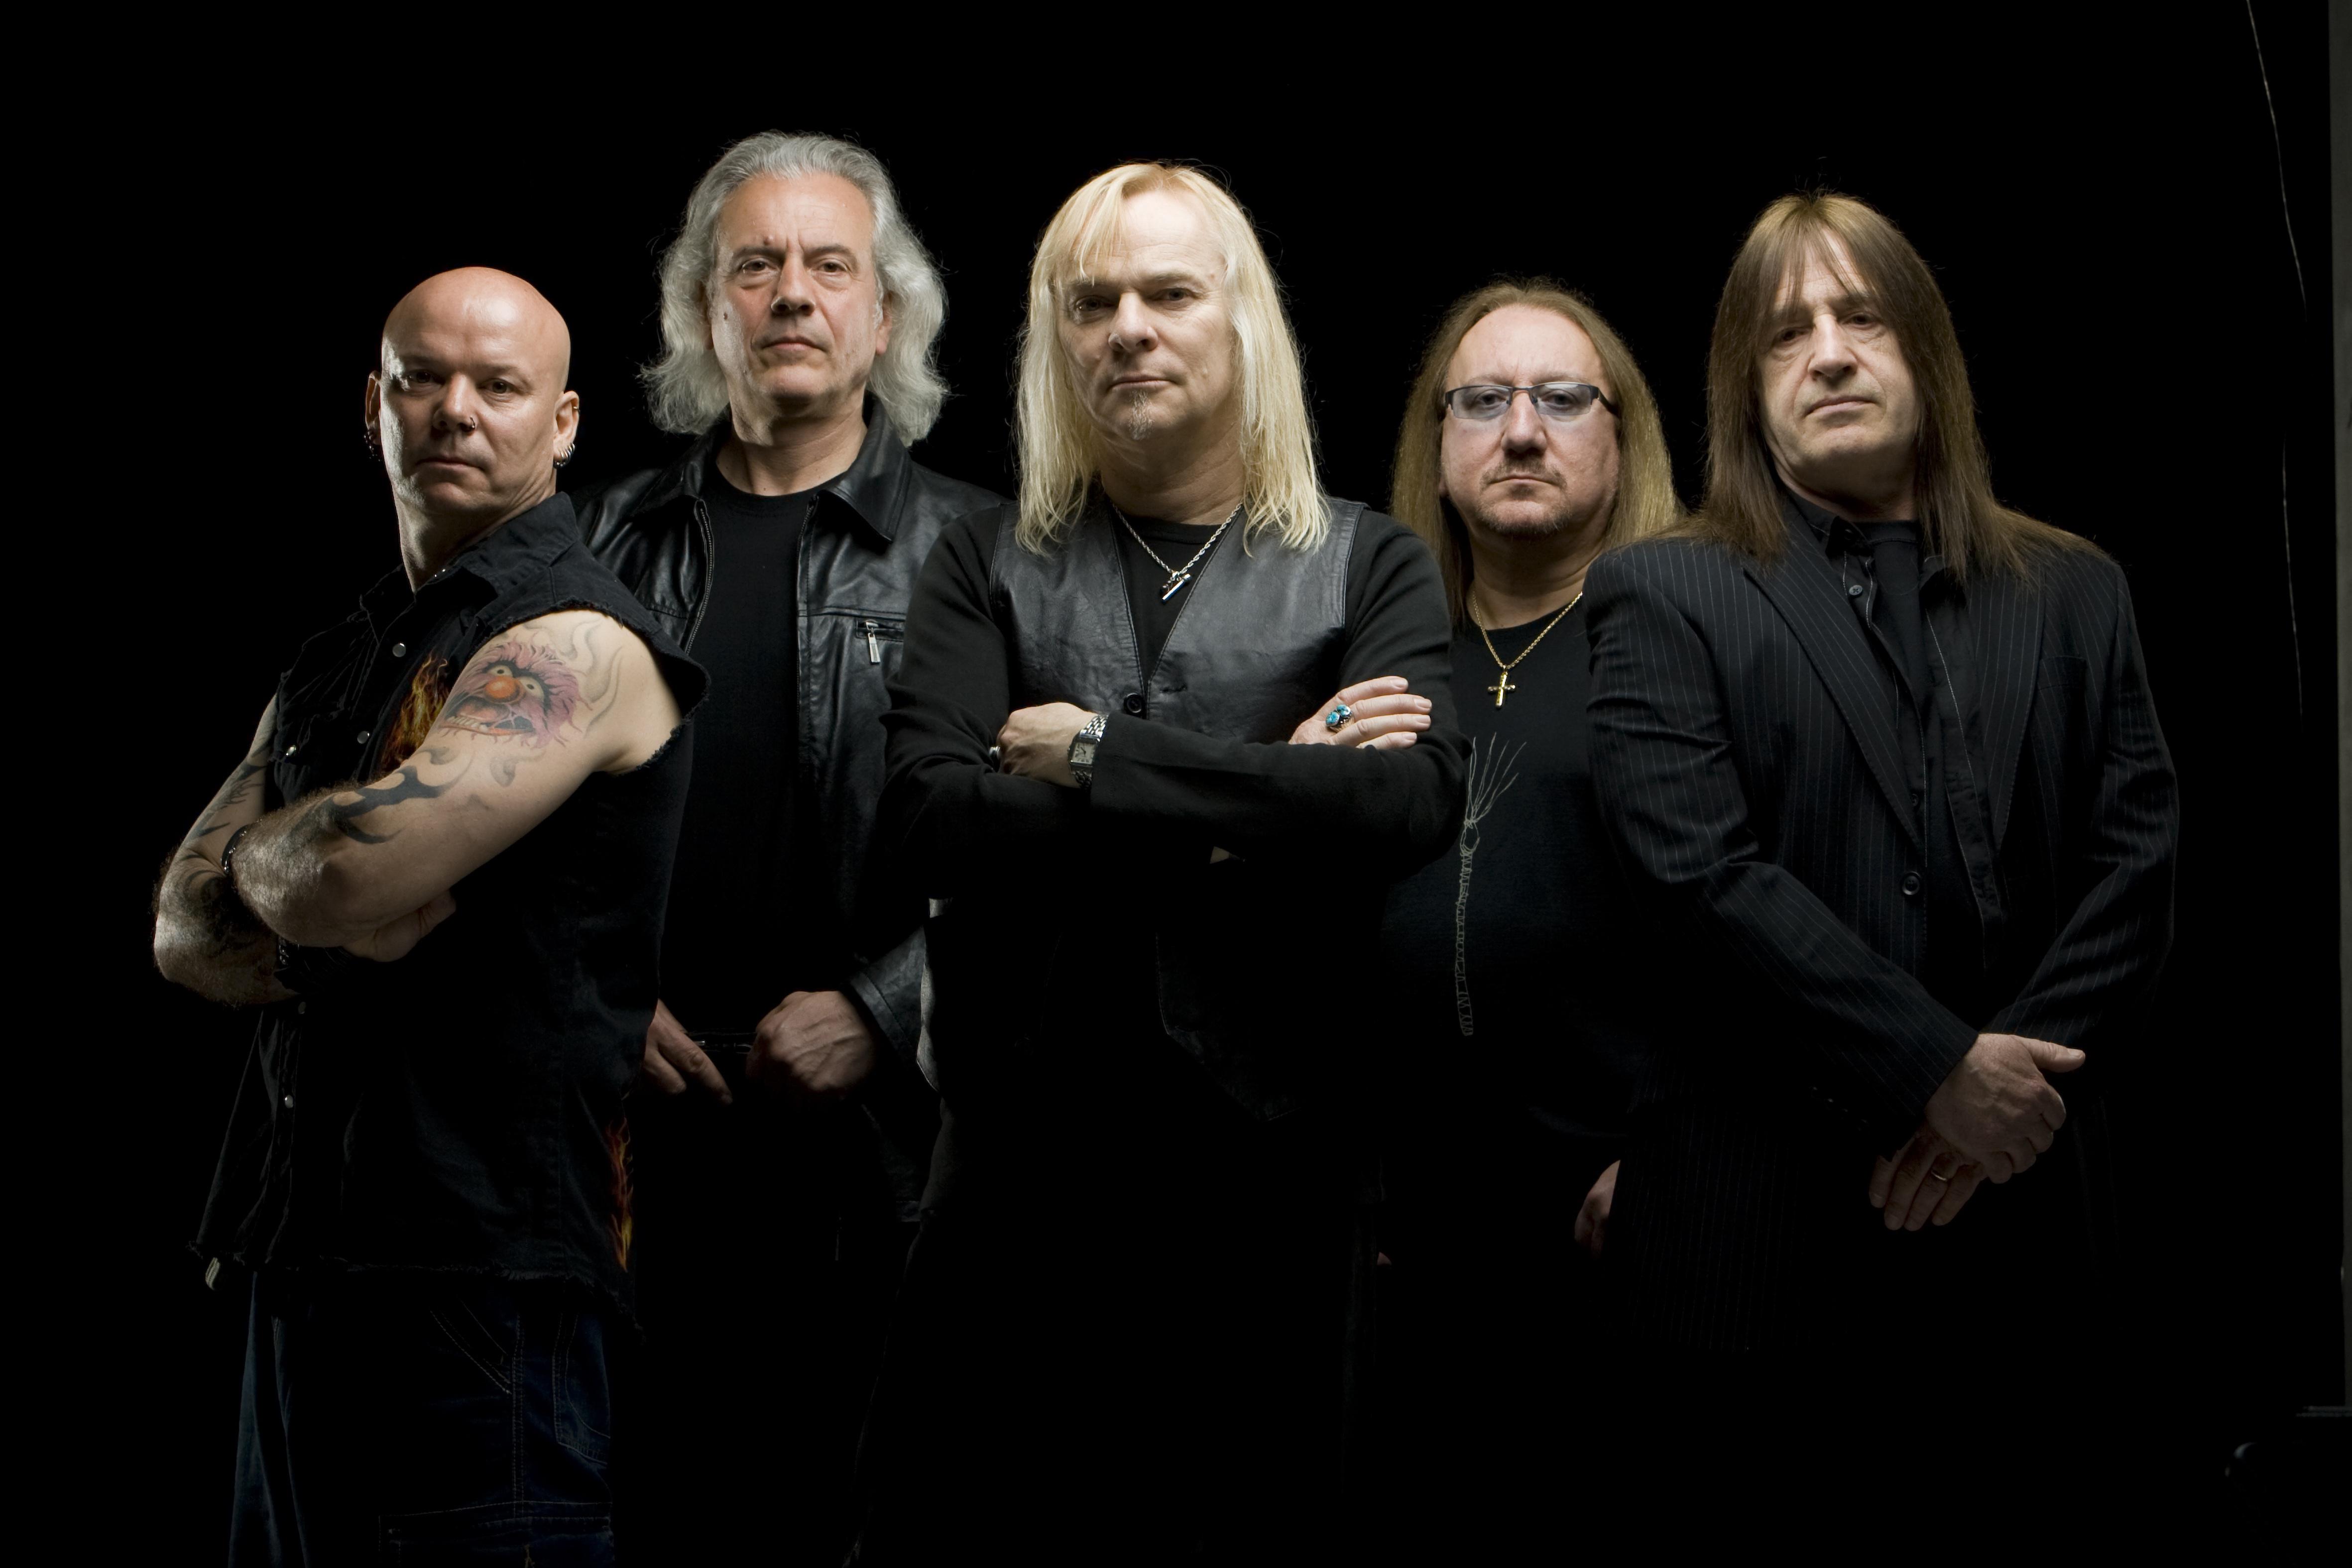 Uriah Heep/Photo: Promo